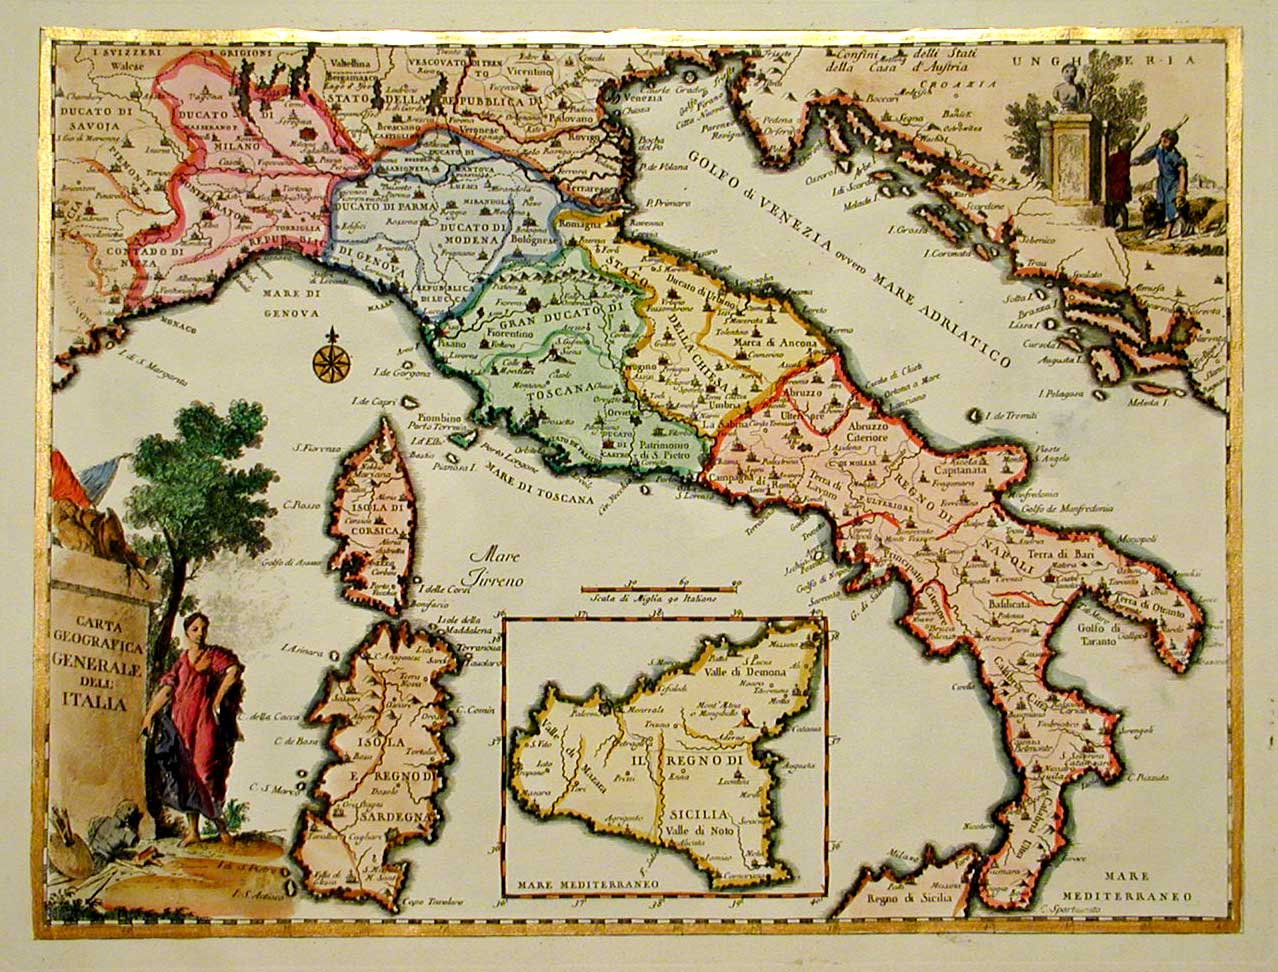 Carte Italie Ancienne.Cartes Geographiques De L Italie Gravures Cartes Anciennes